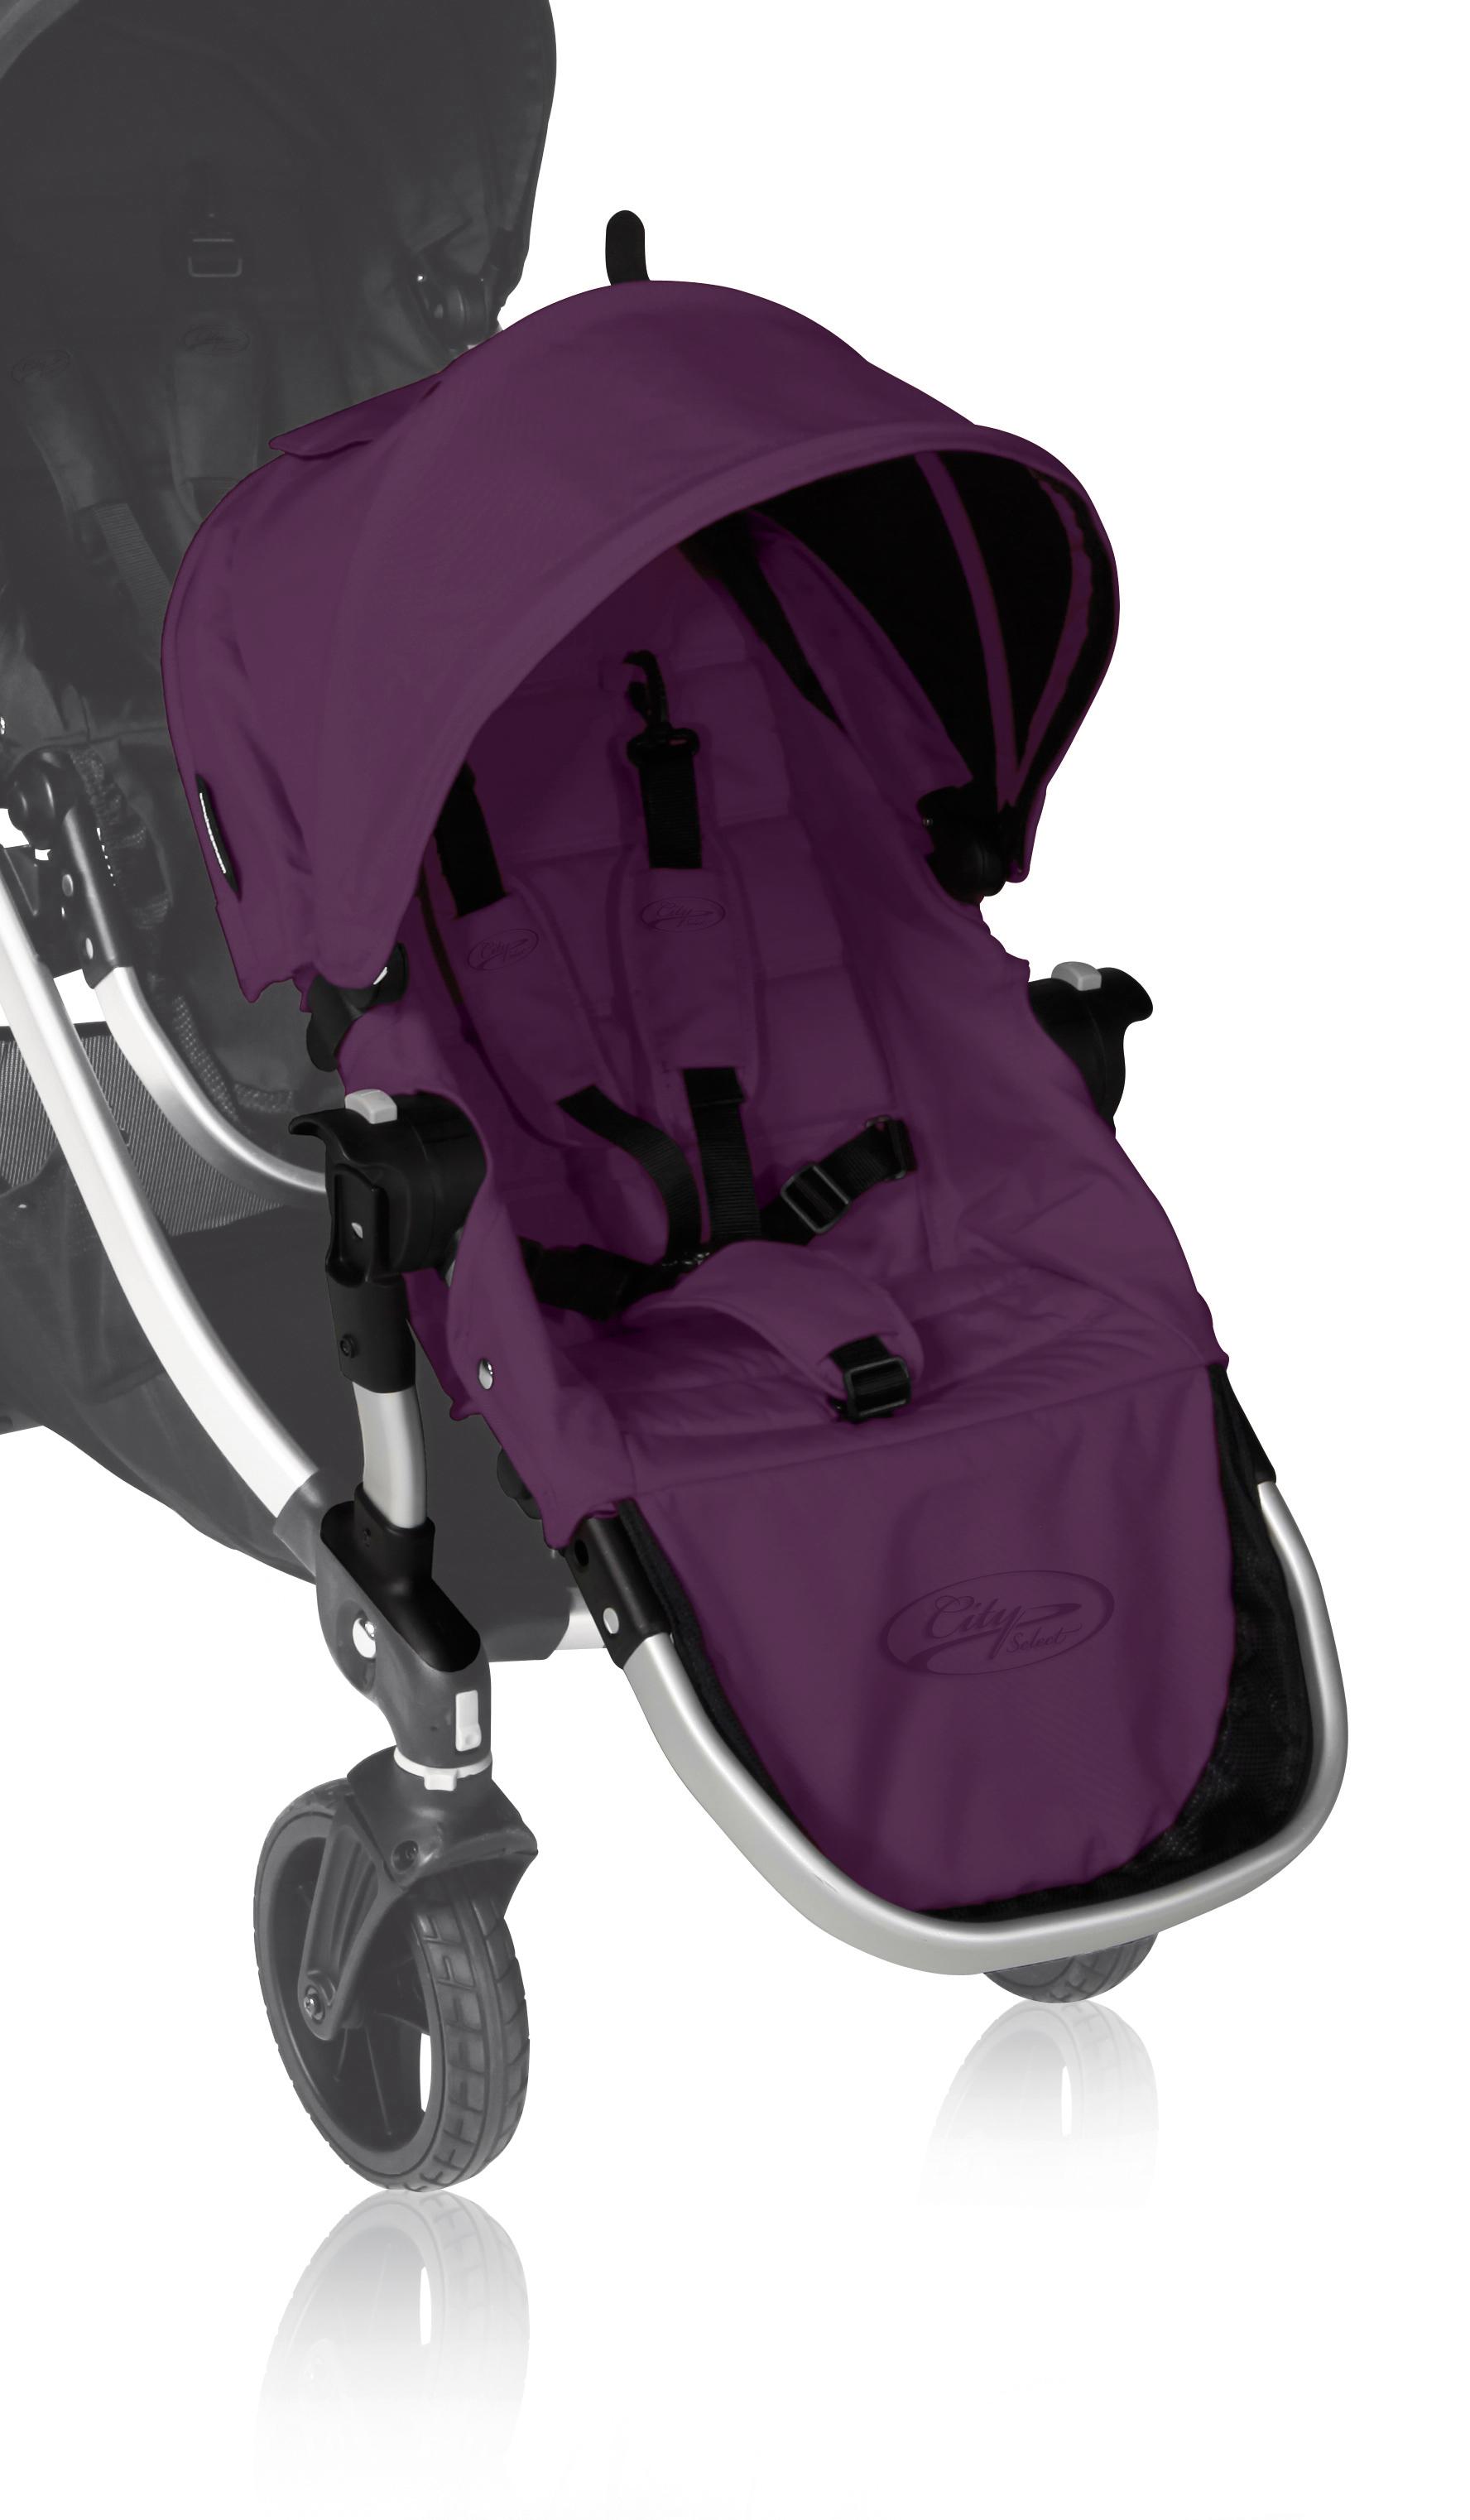 Baby Jogger City Select Doplňkový sedák 2015 amethyst